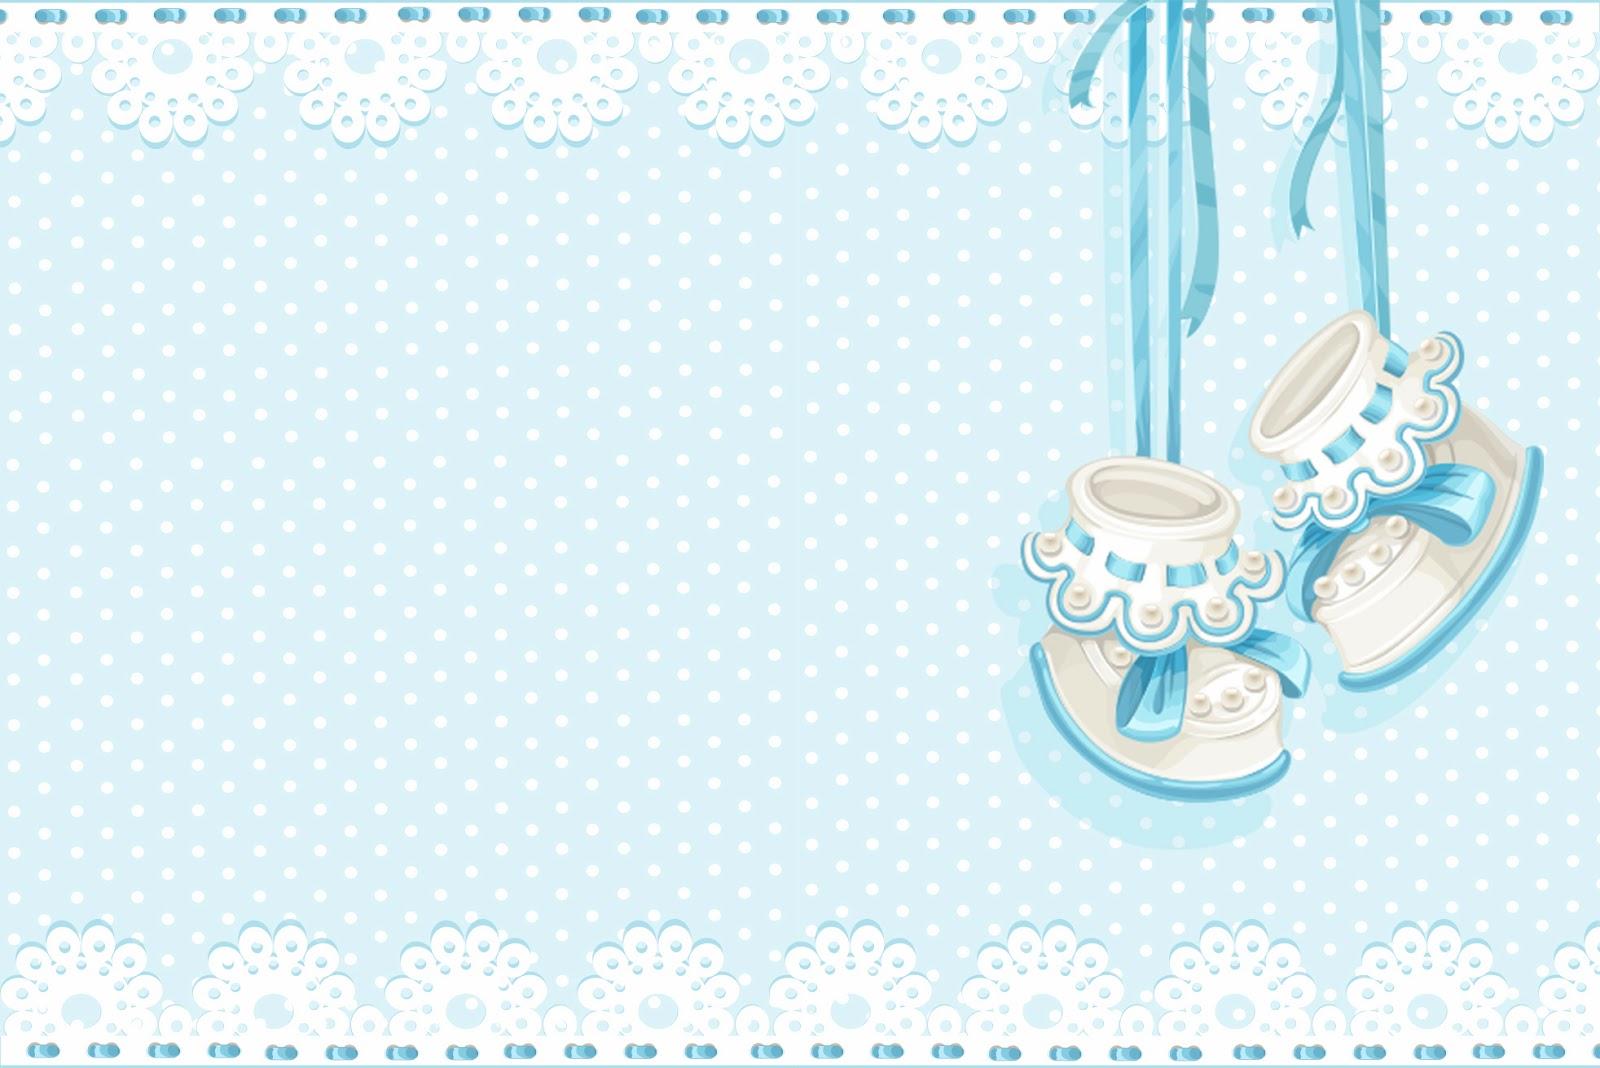 Zapatitos de Bebé: Tarjetas o Invitaciones para Imprimir Gratis ...